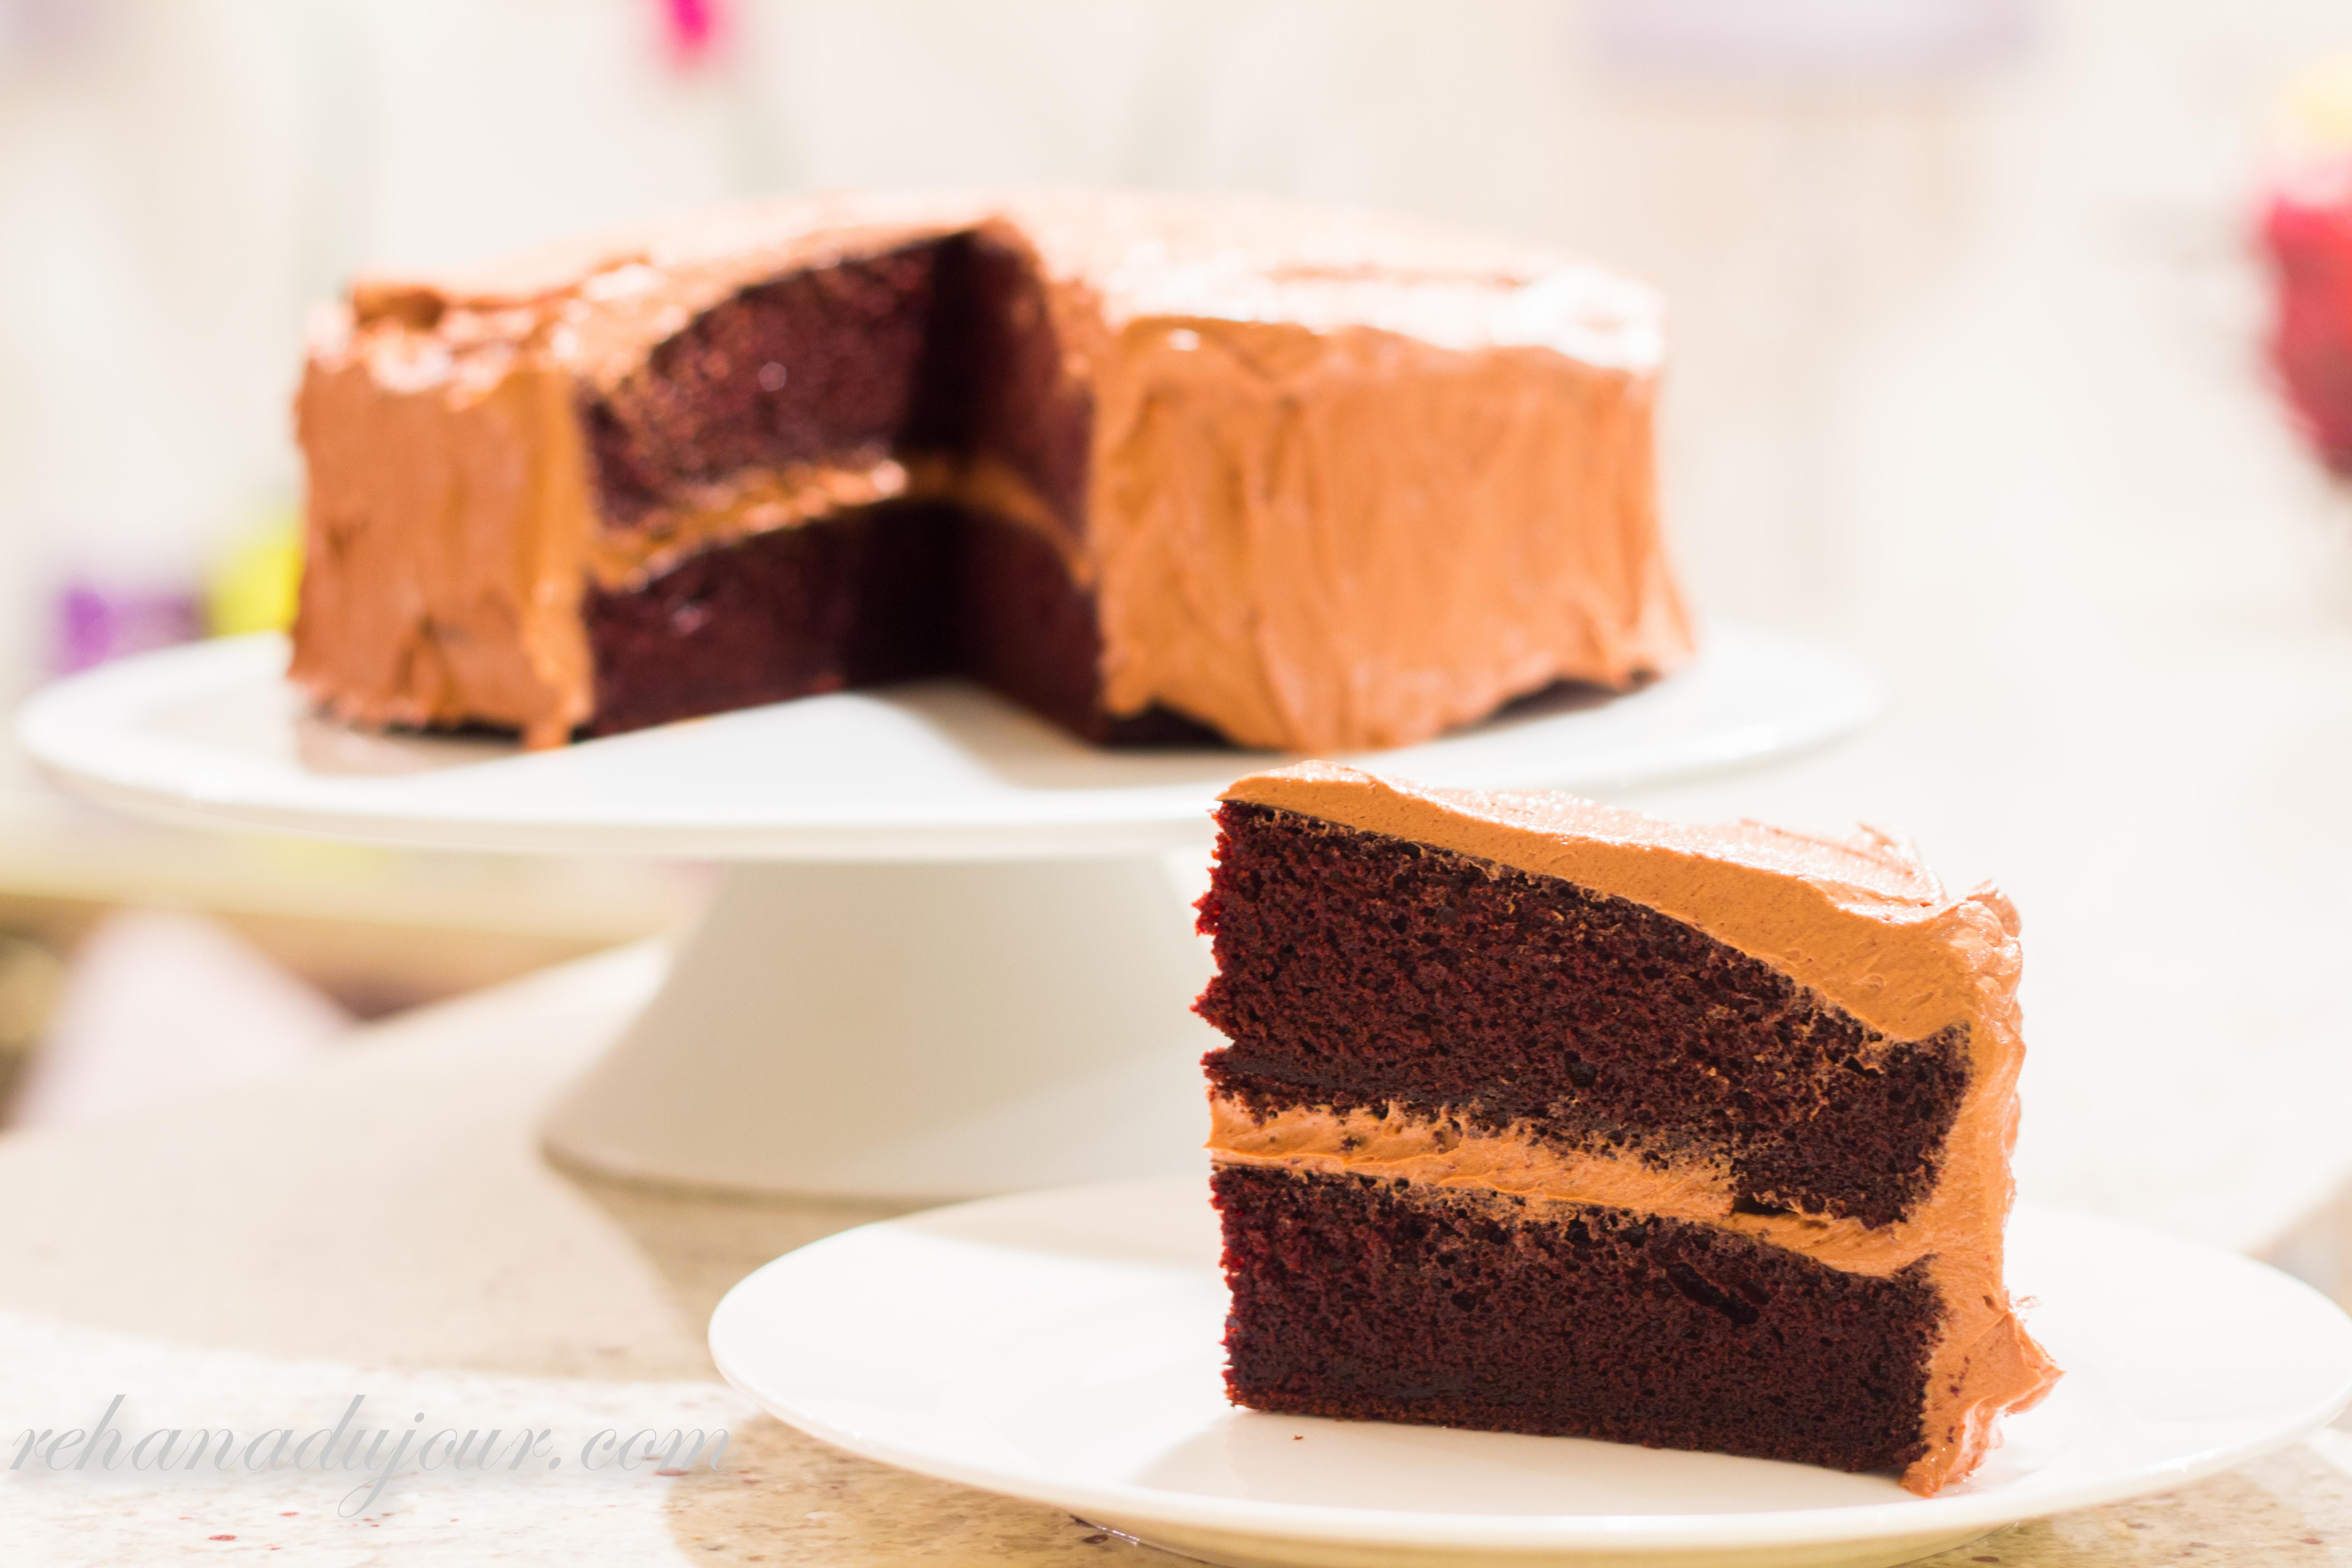 Beatty S Chocolate Cake By Ina Garten